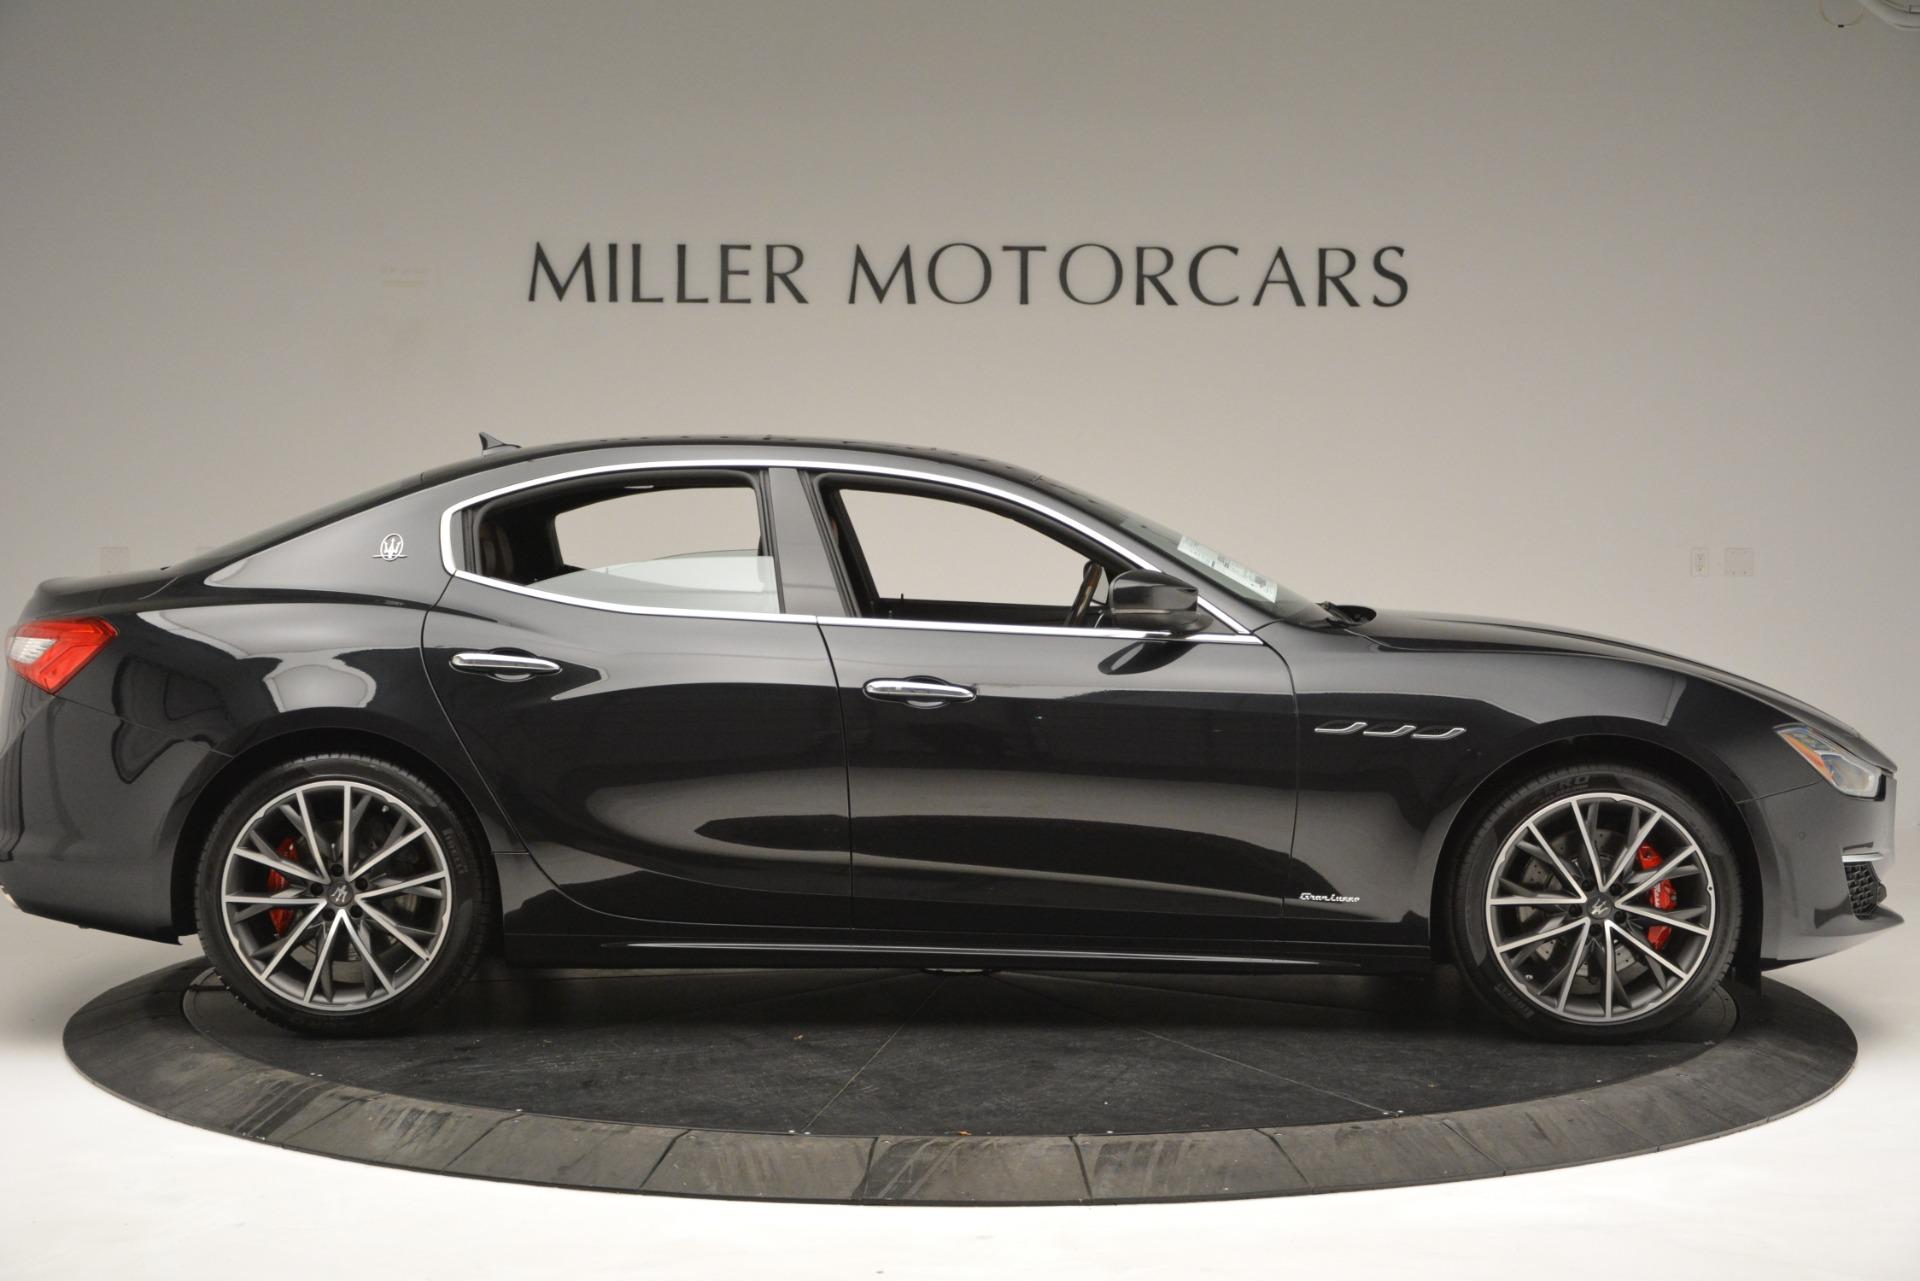 New 2019 Maserati Ghibli S Q4 GranLusso For Sale In Greenwich, CT 2590_p9